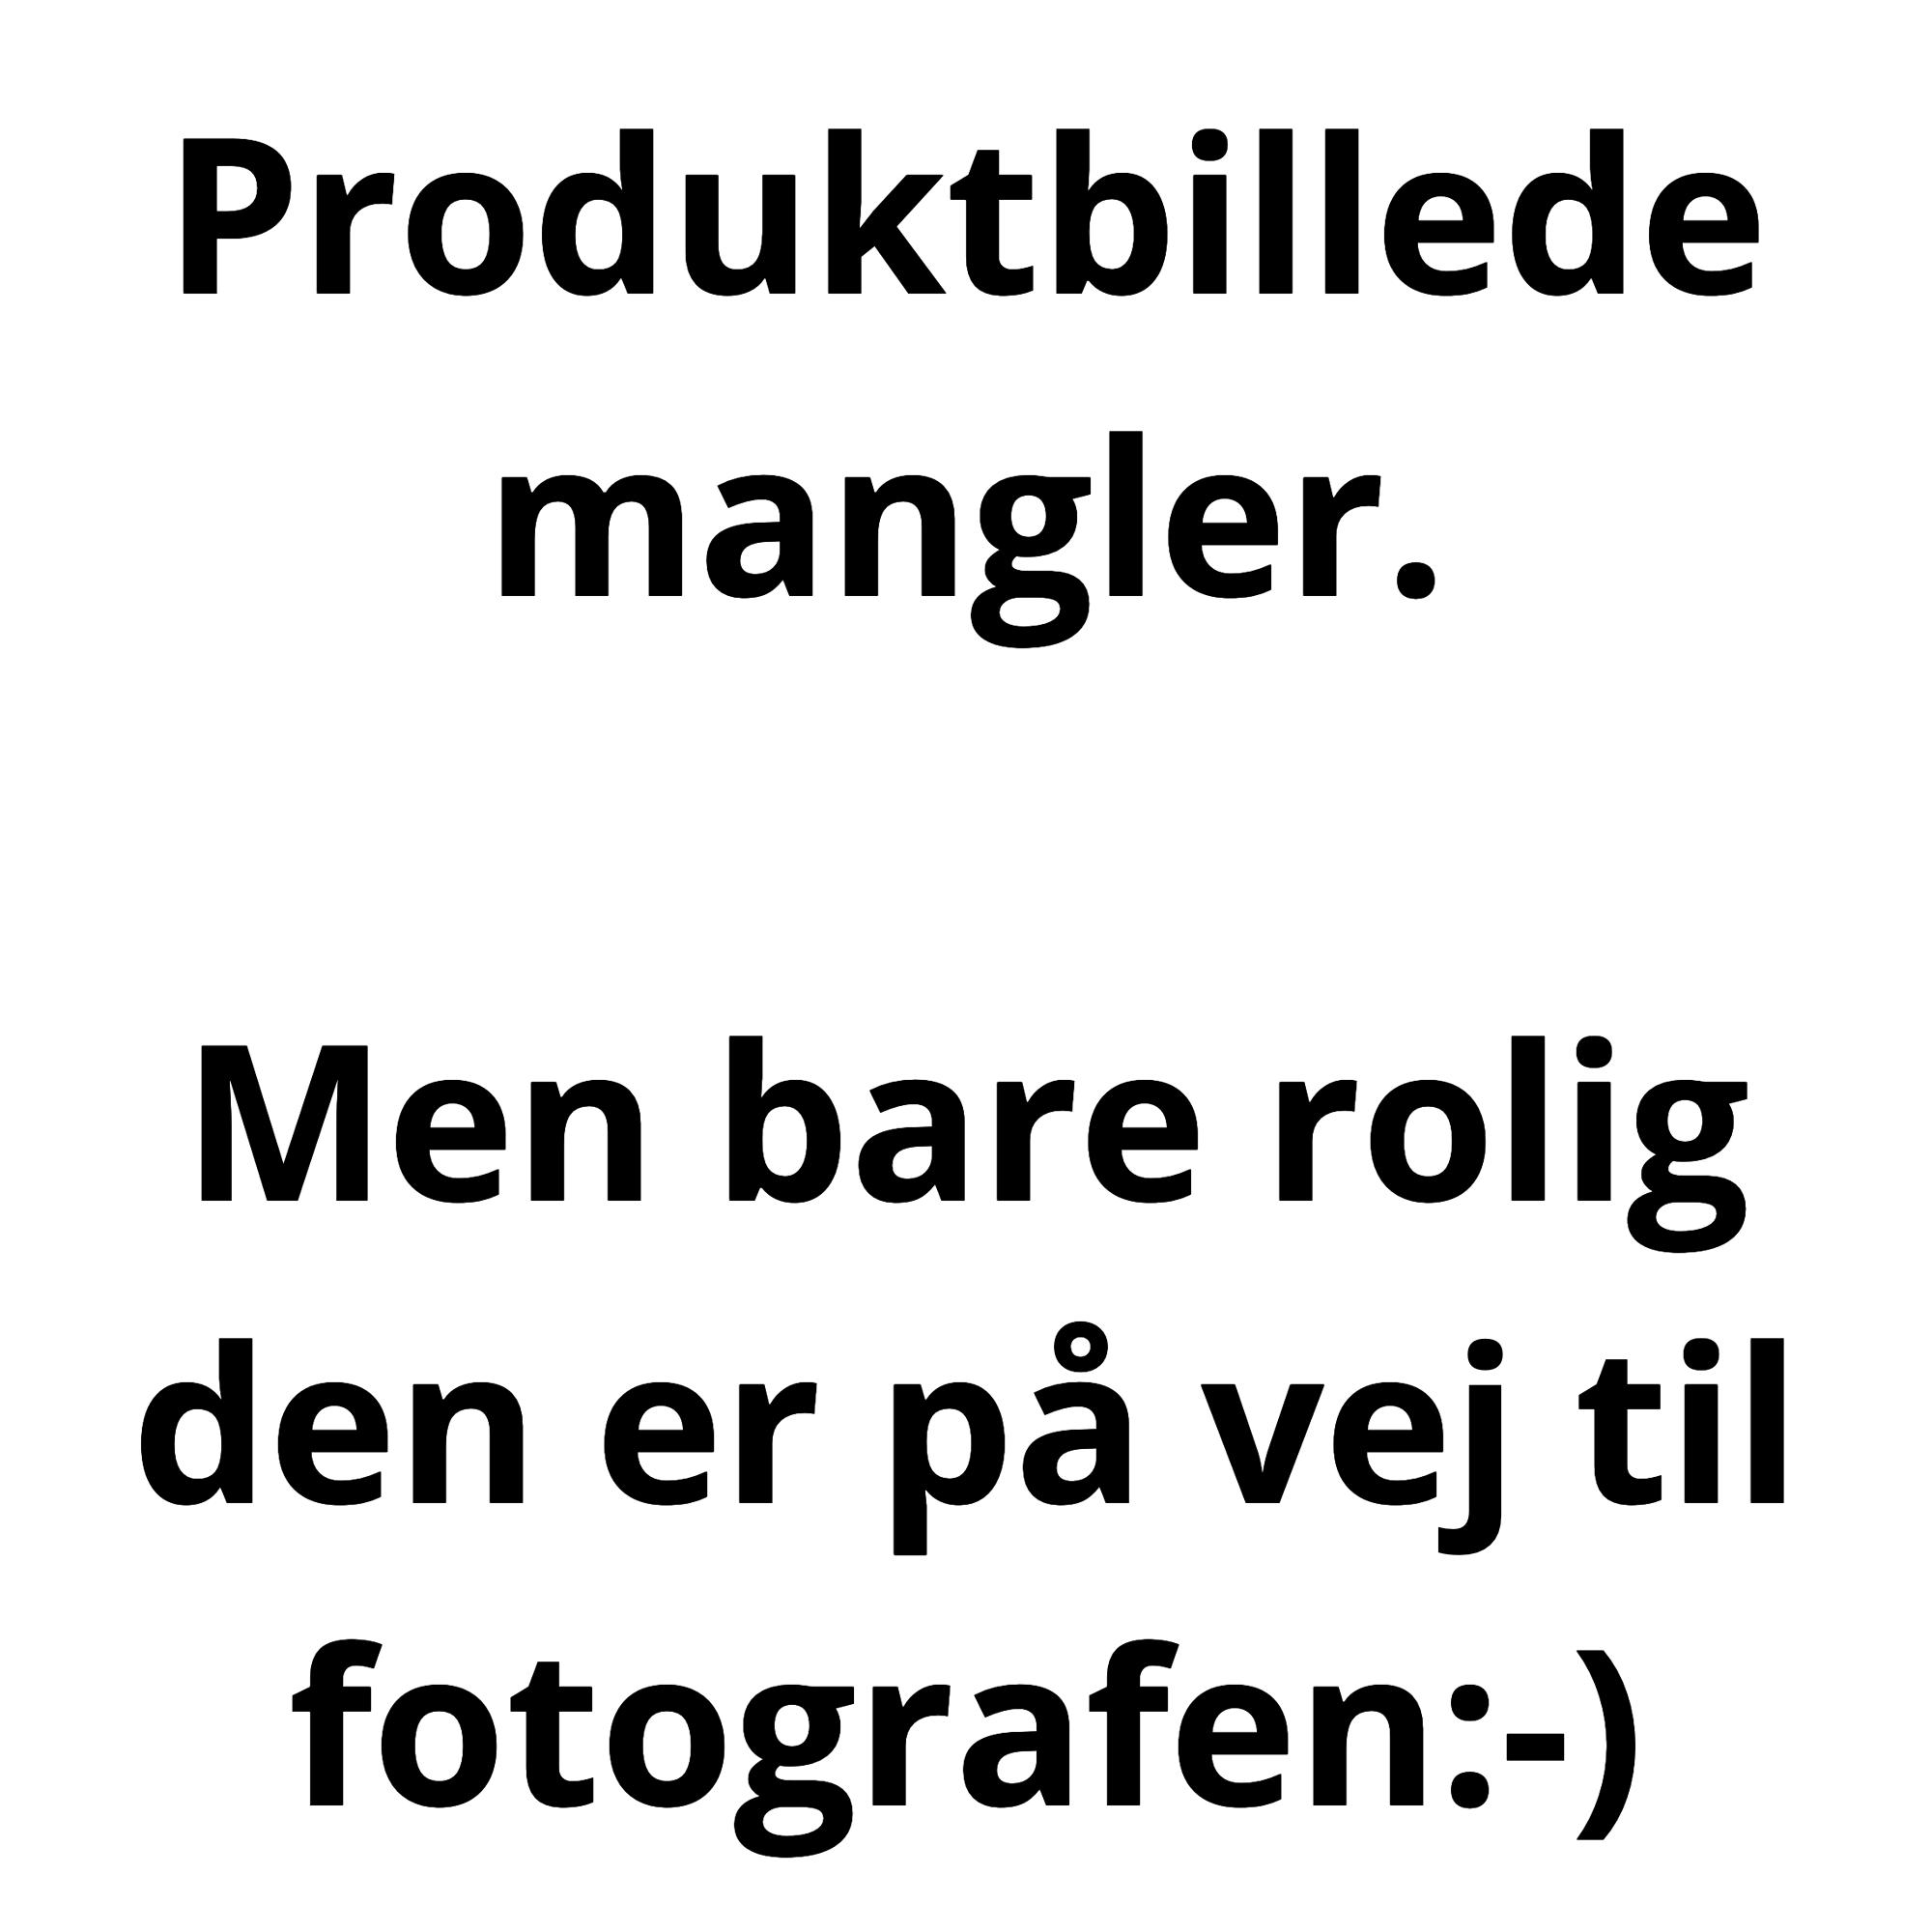 Brodit Passiv mobilholder m. kabeltilslutning ligthning til USB til Apple iPhone 5/5S/5C m. el. u. beskyttelsescover - 514423